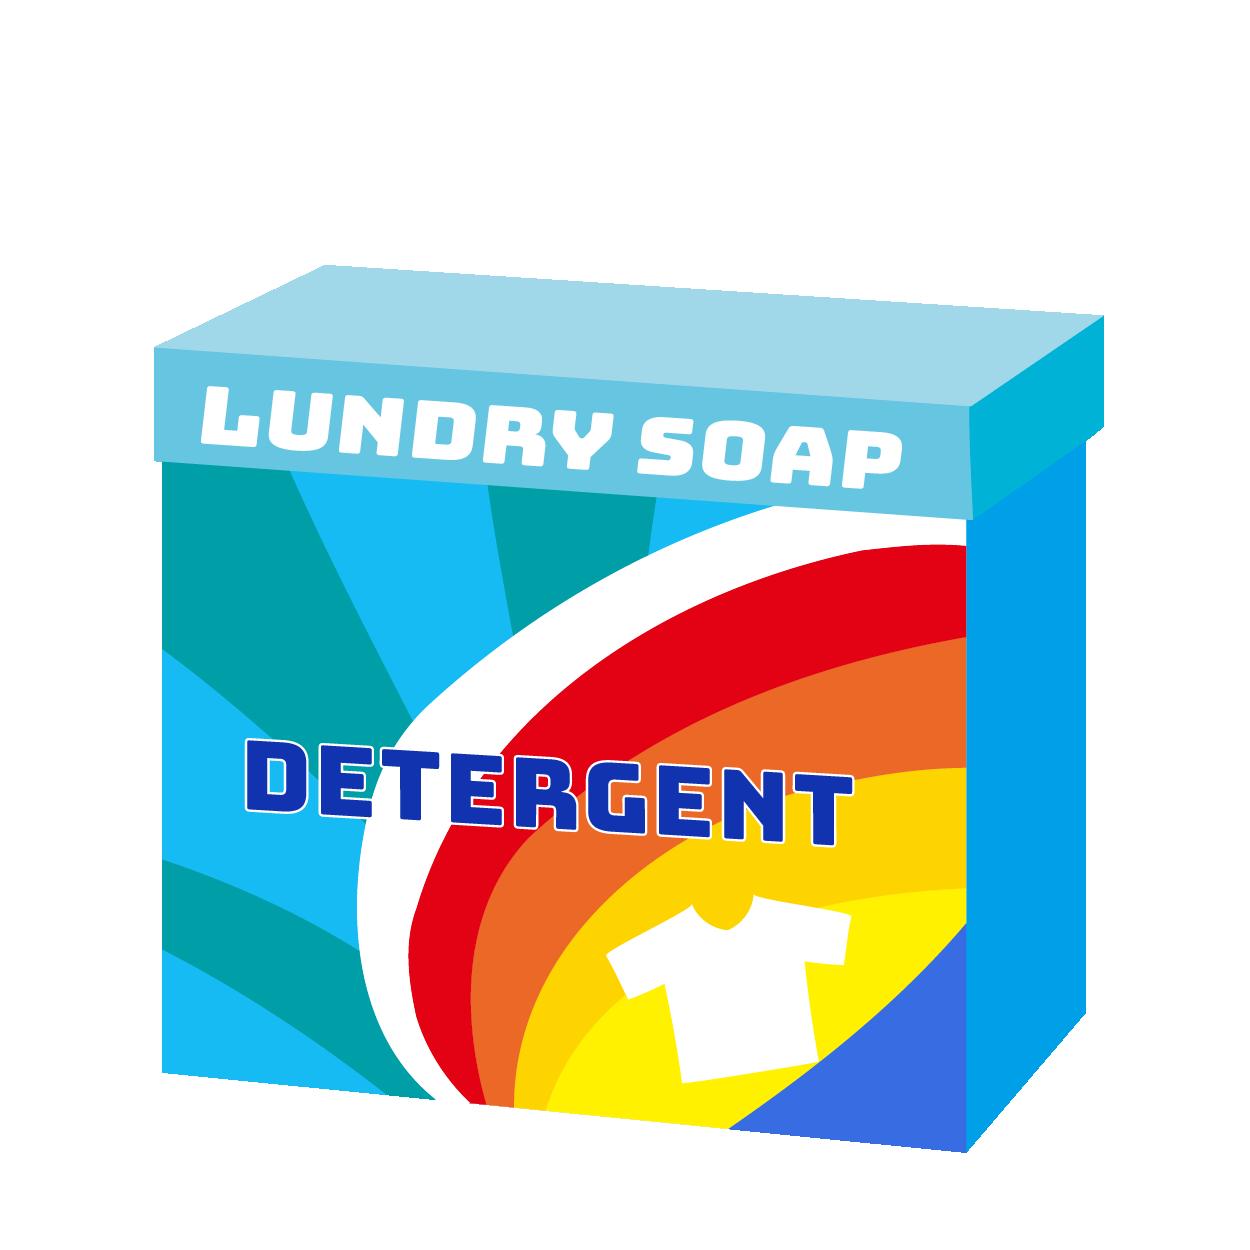 オシャレな洗濯洗剤粉洗剤のイラスト 商用フリー無料のイラスト